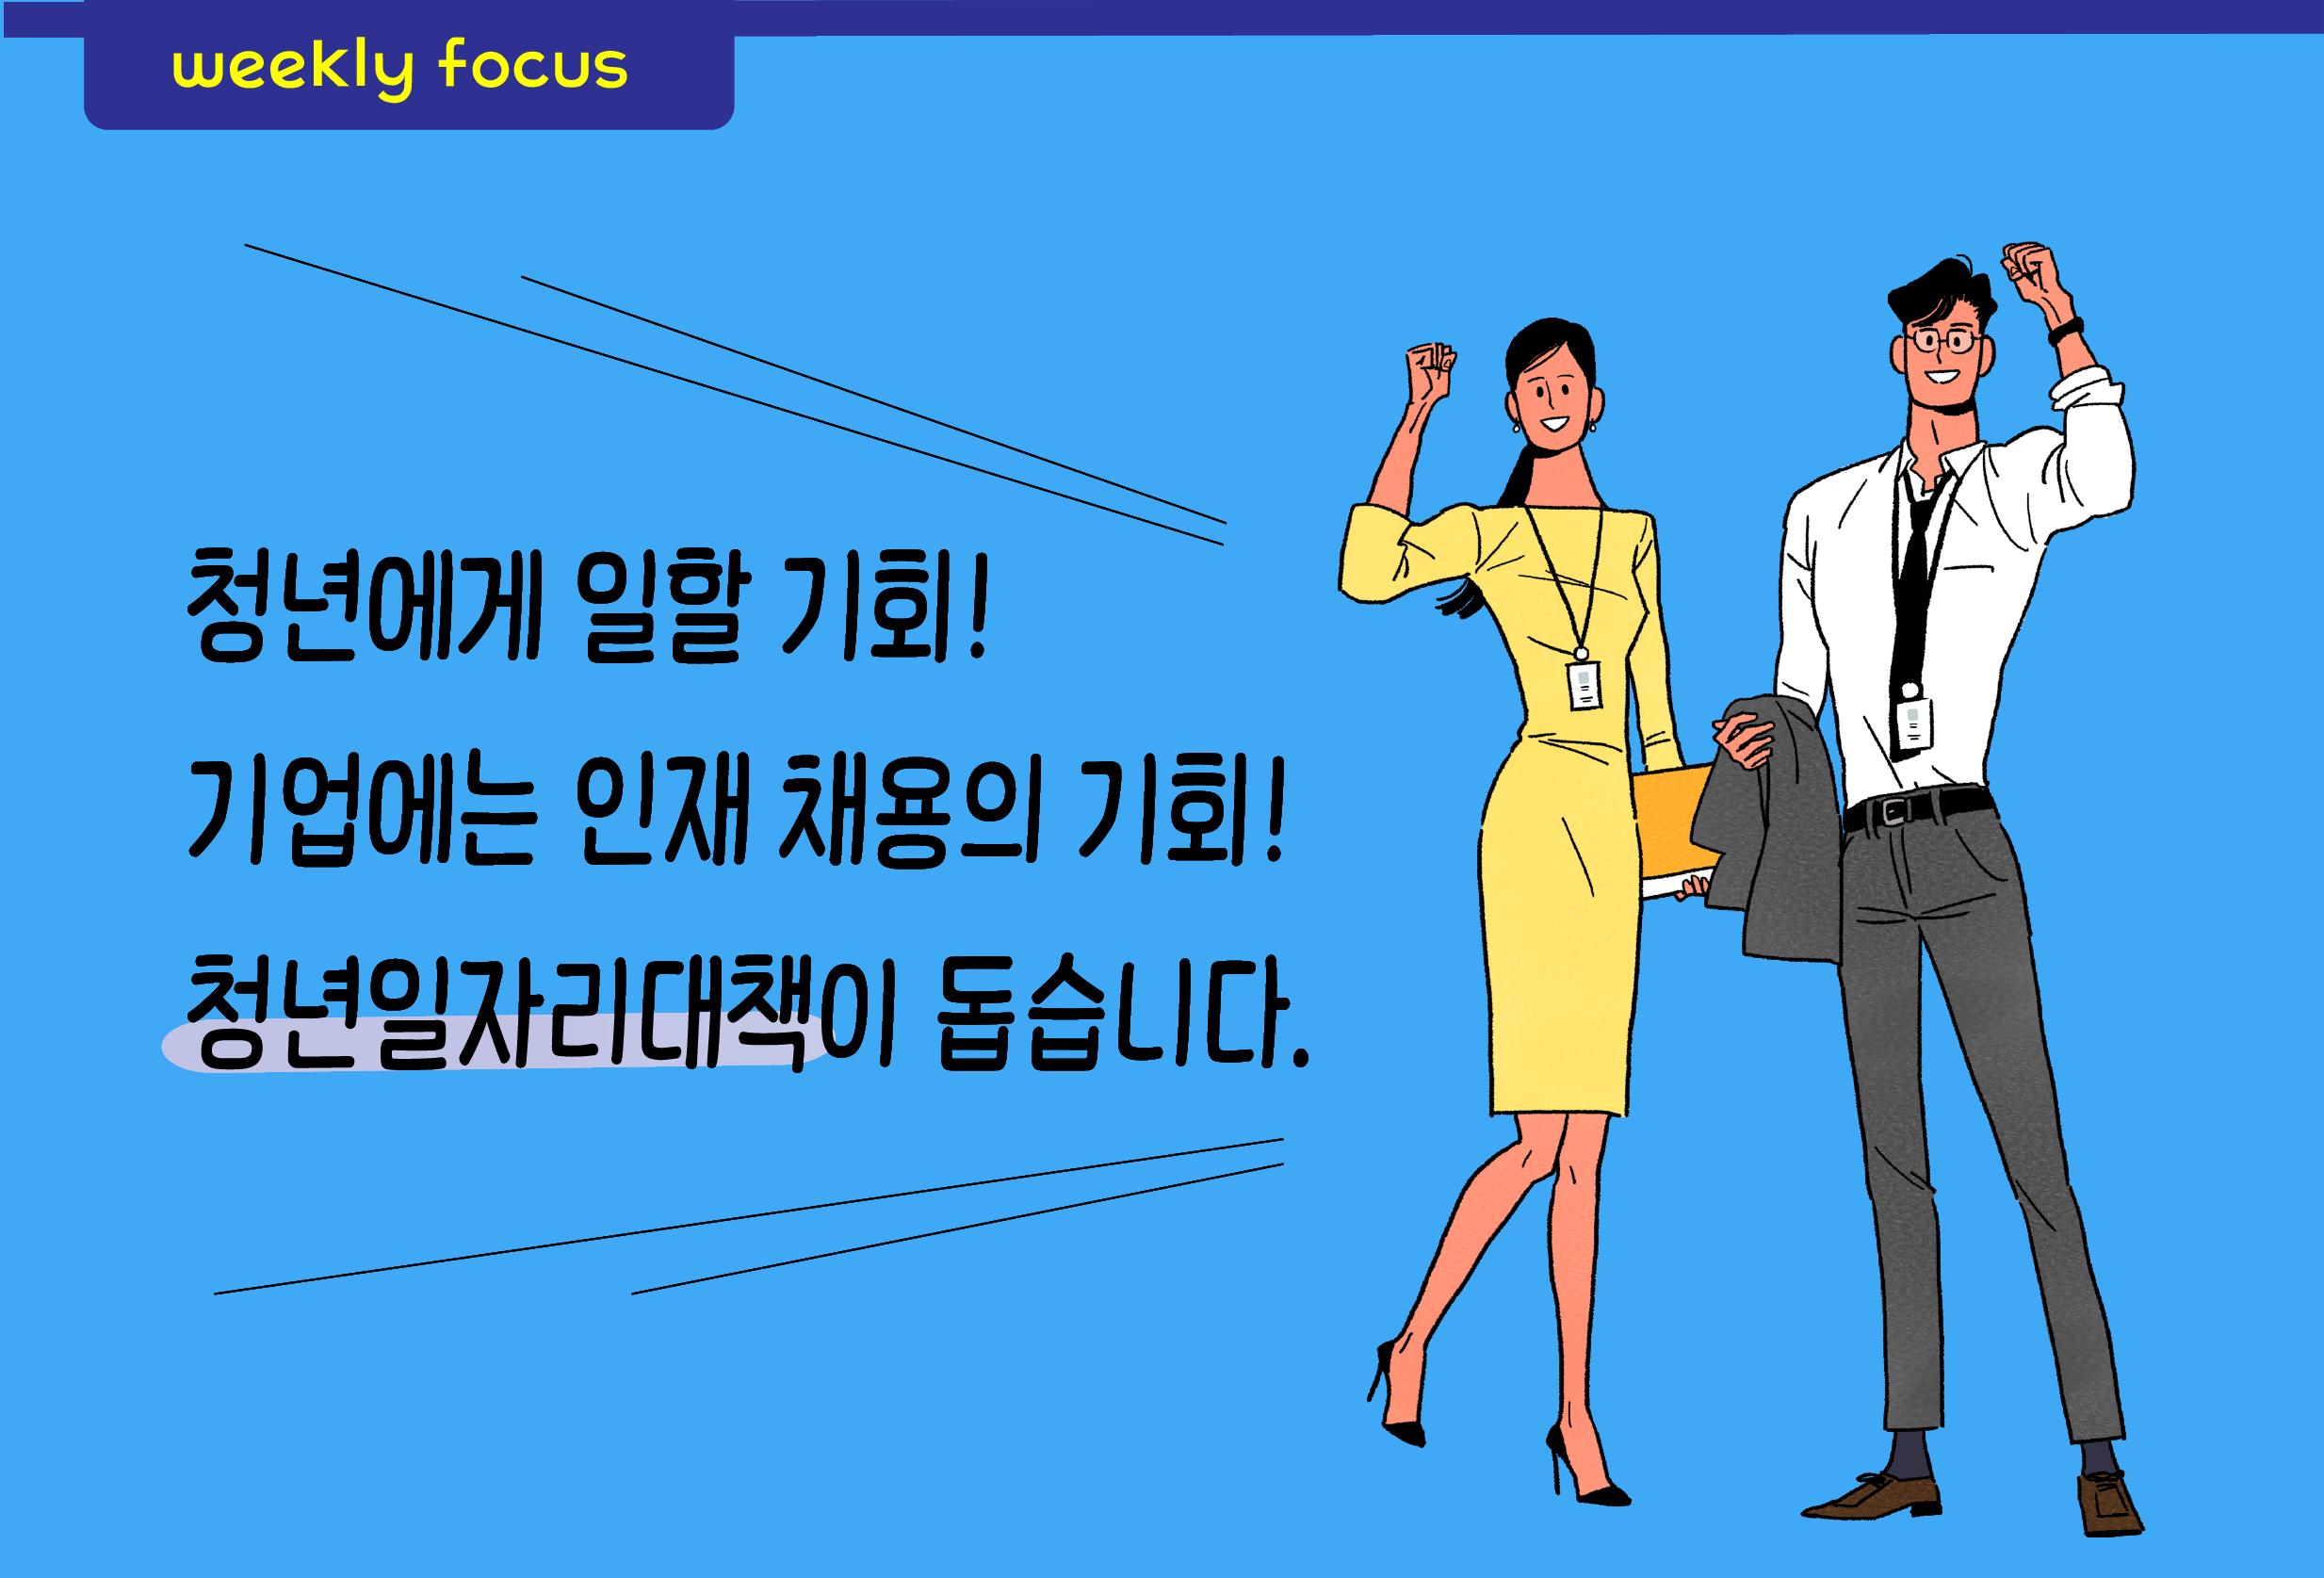 [관광인 뉴스레터 Vol.4] 6월 셋째주 관광인 취업정보